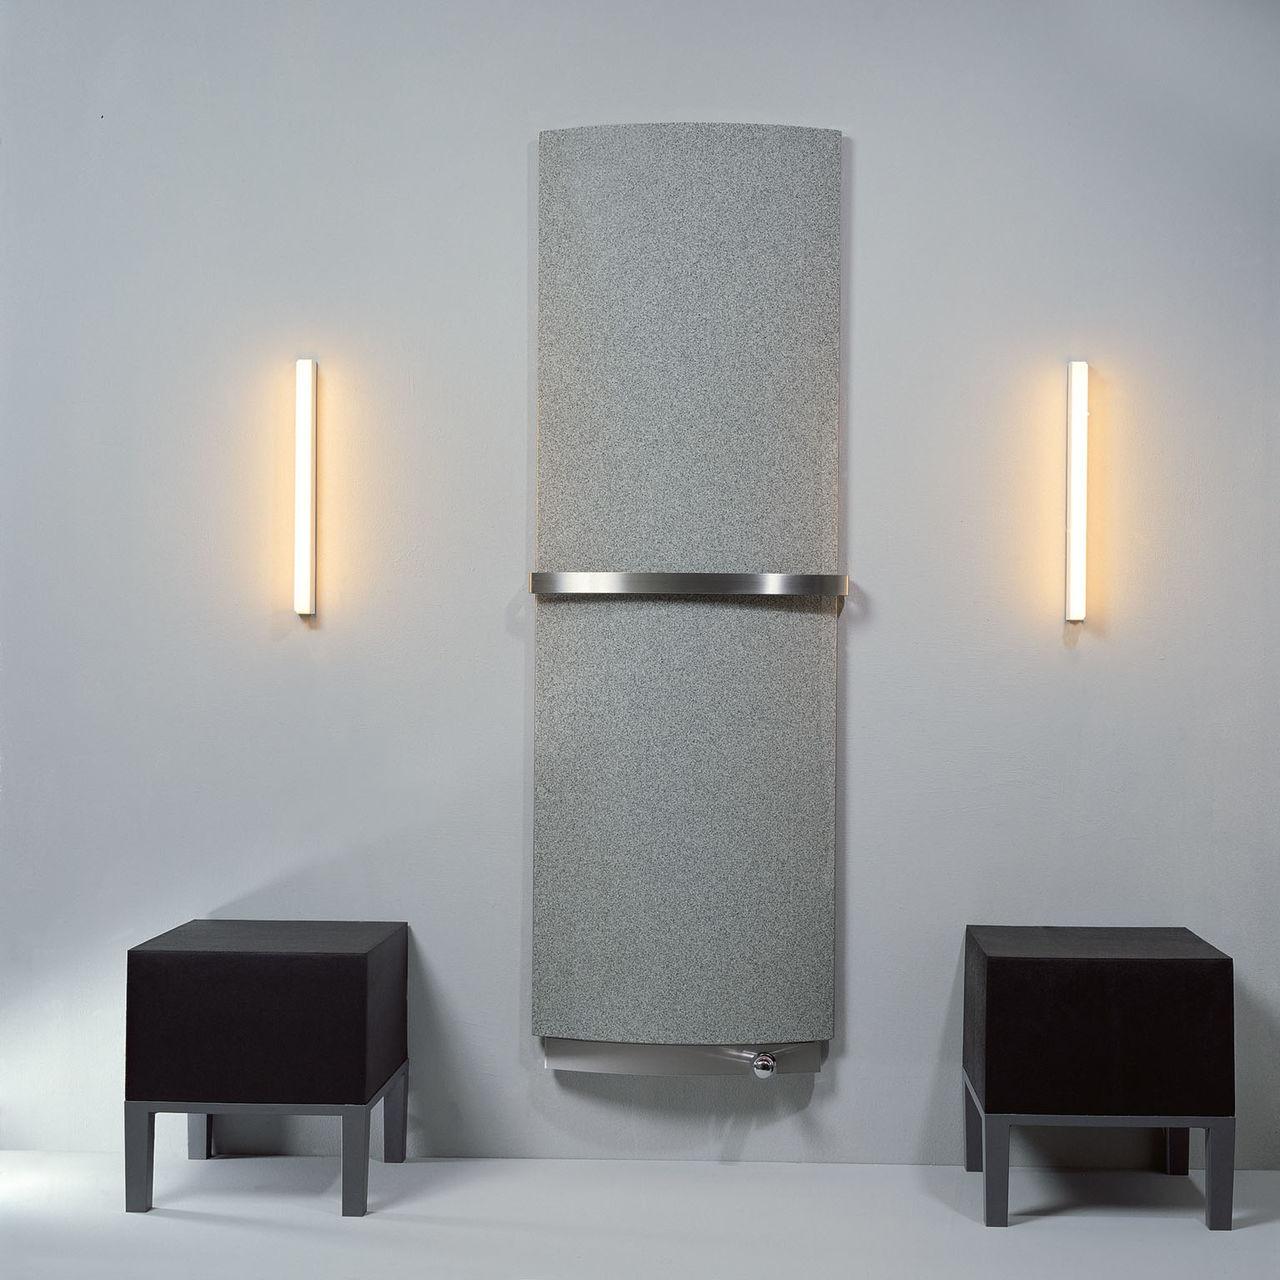 Дизайнерские радиаторы GEO Jaga